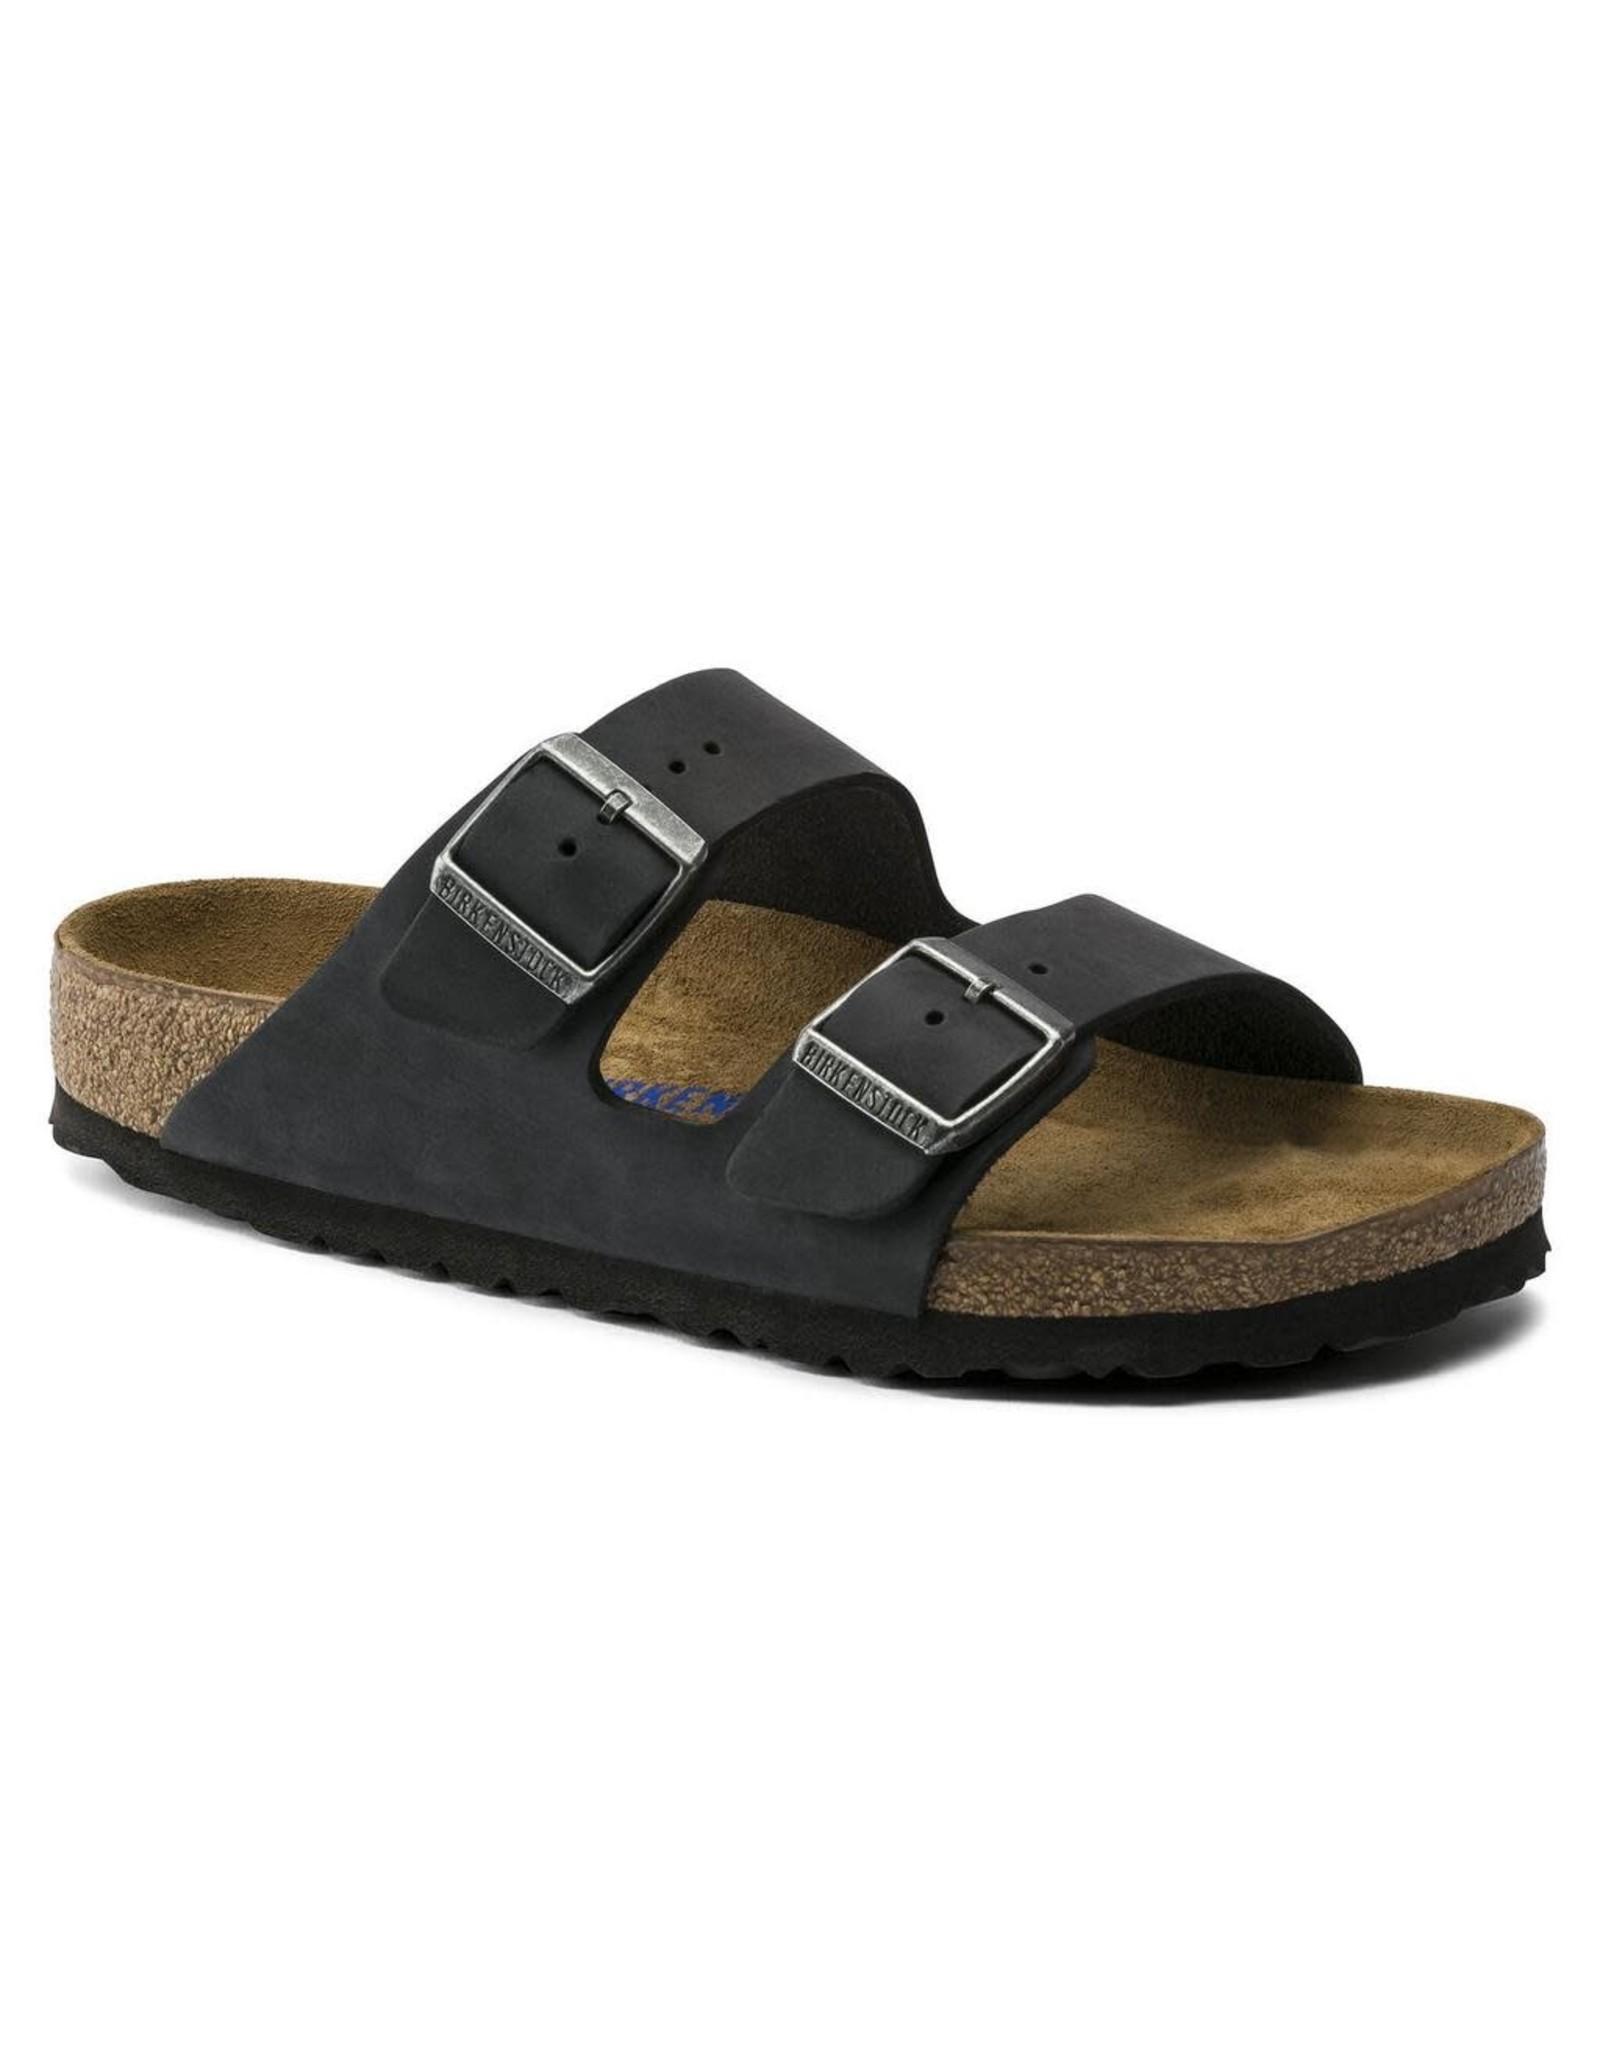 Birkenstock Arizona Sandal Soft Footbed - COV12922